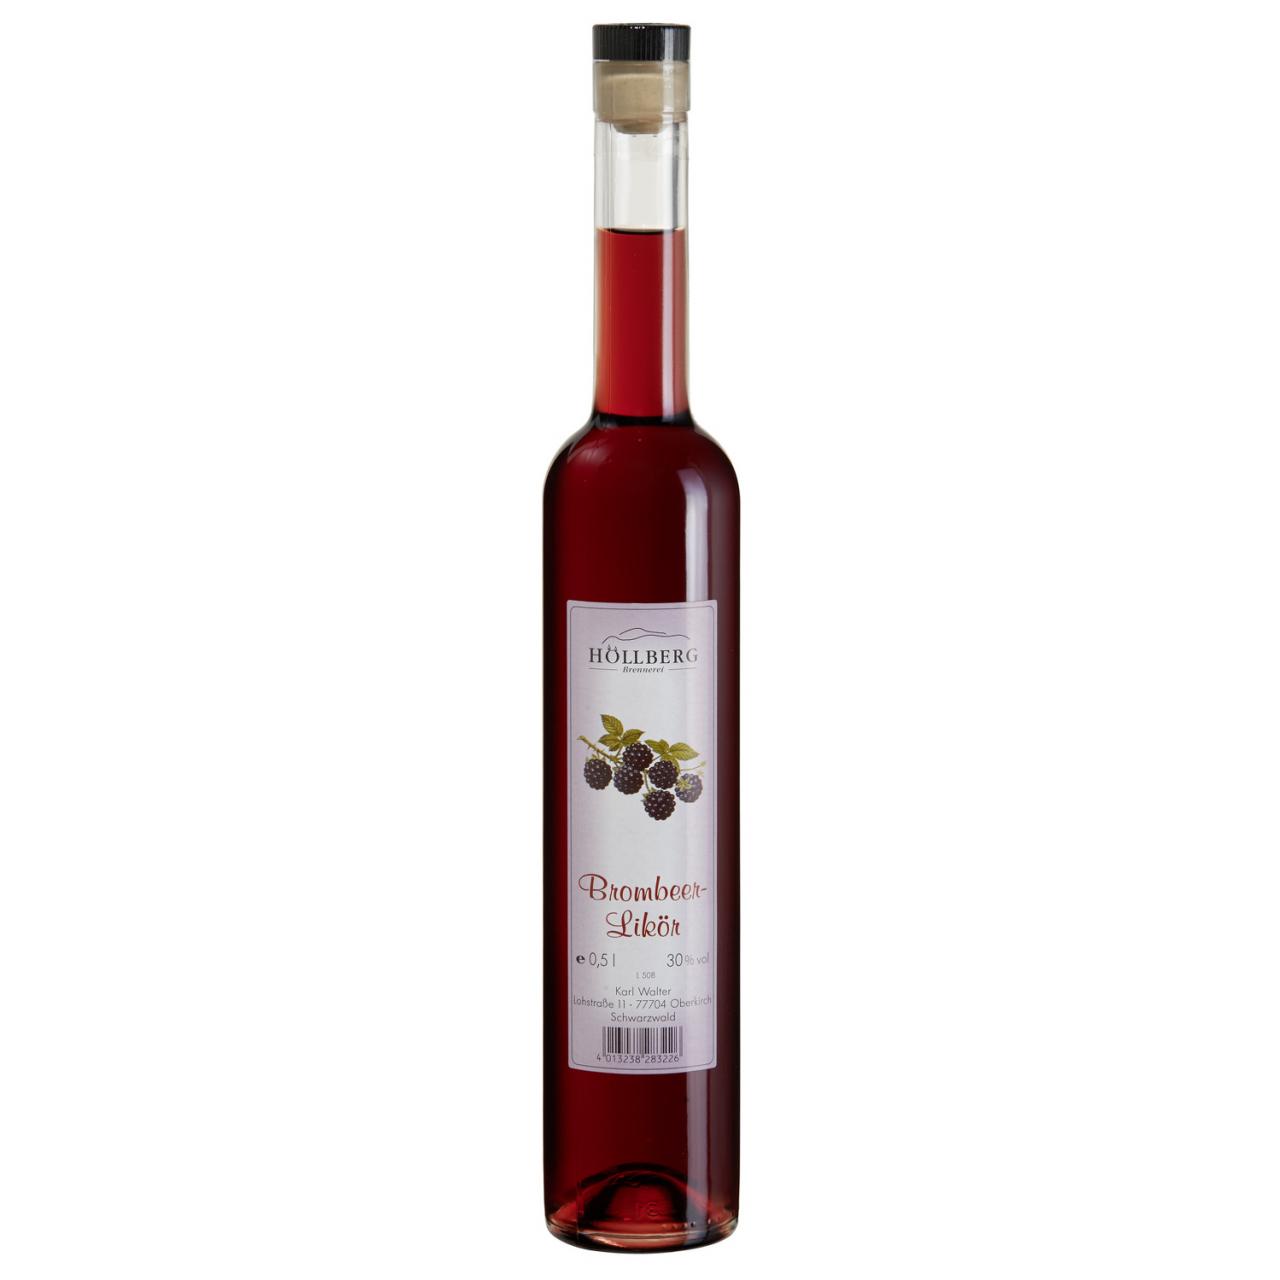 0,5 Liter Glasflasche Hoellberg Brombeerlikör mit 30% vol. Alkoholgehalt